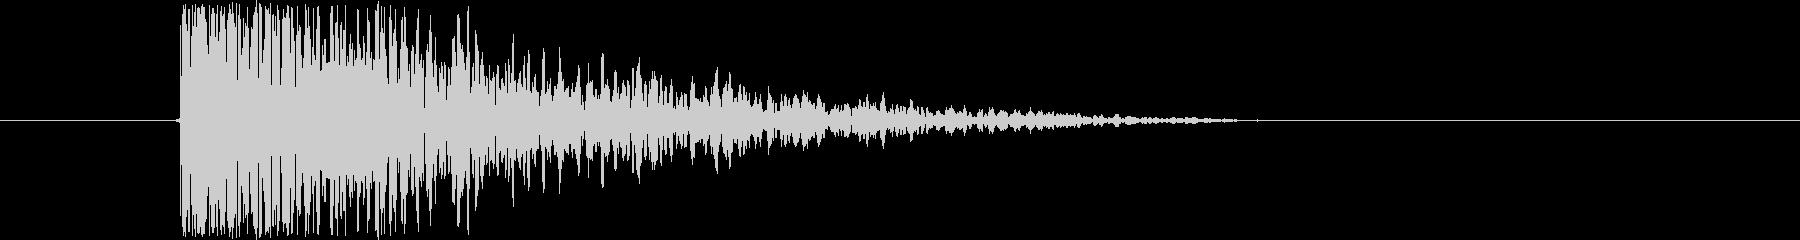 低音のインパクト音ですの未再生の波形